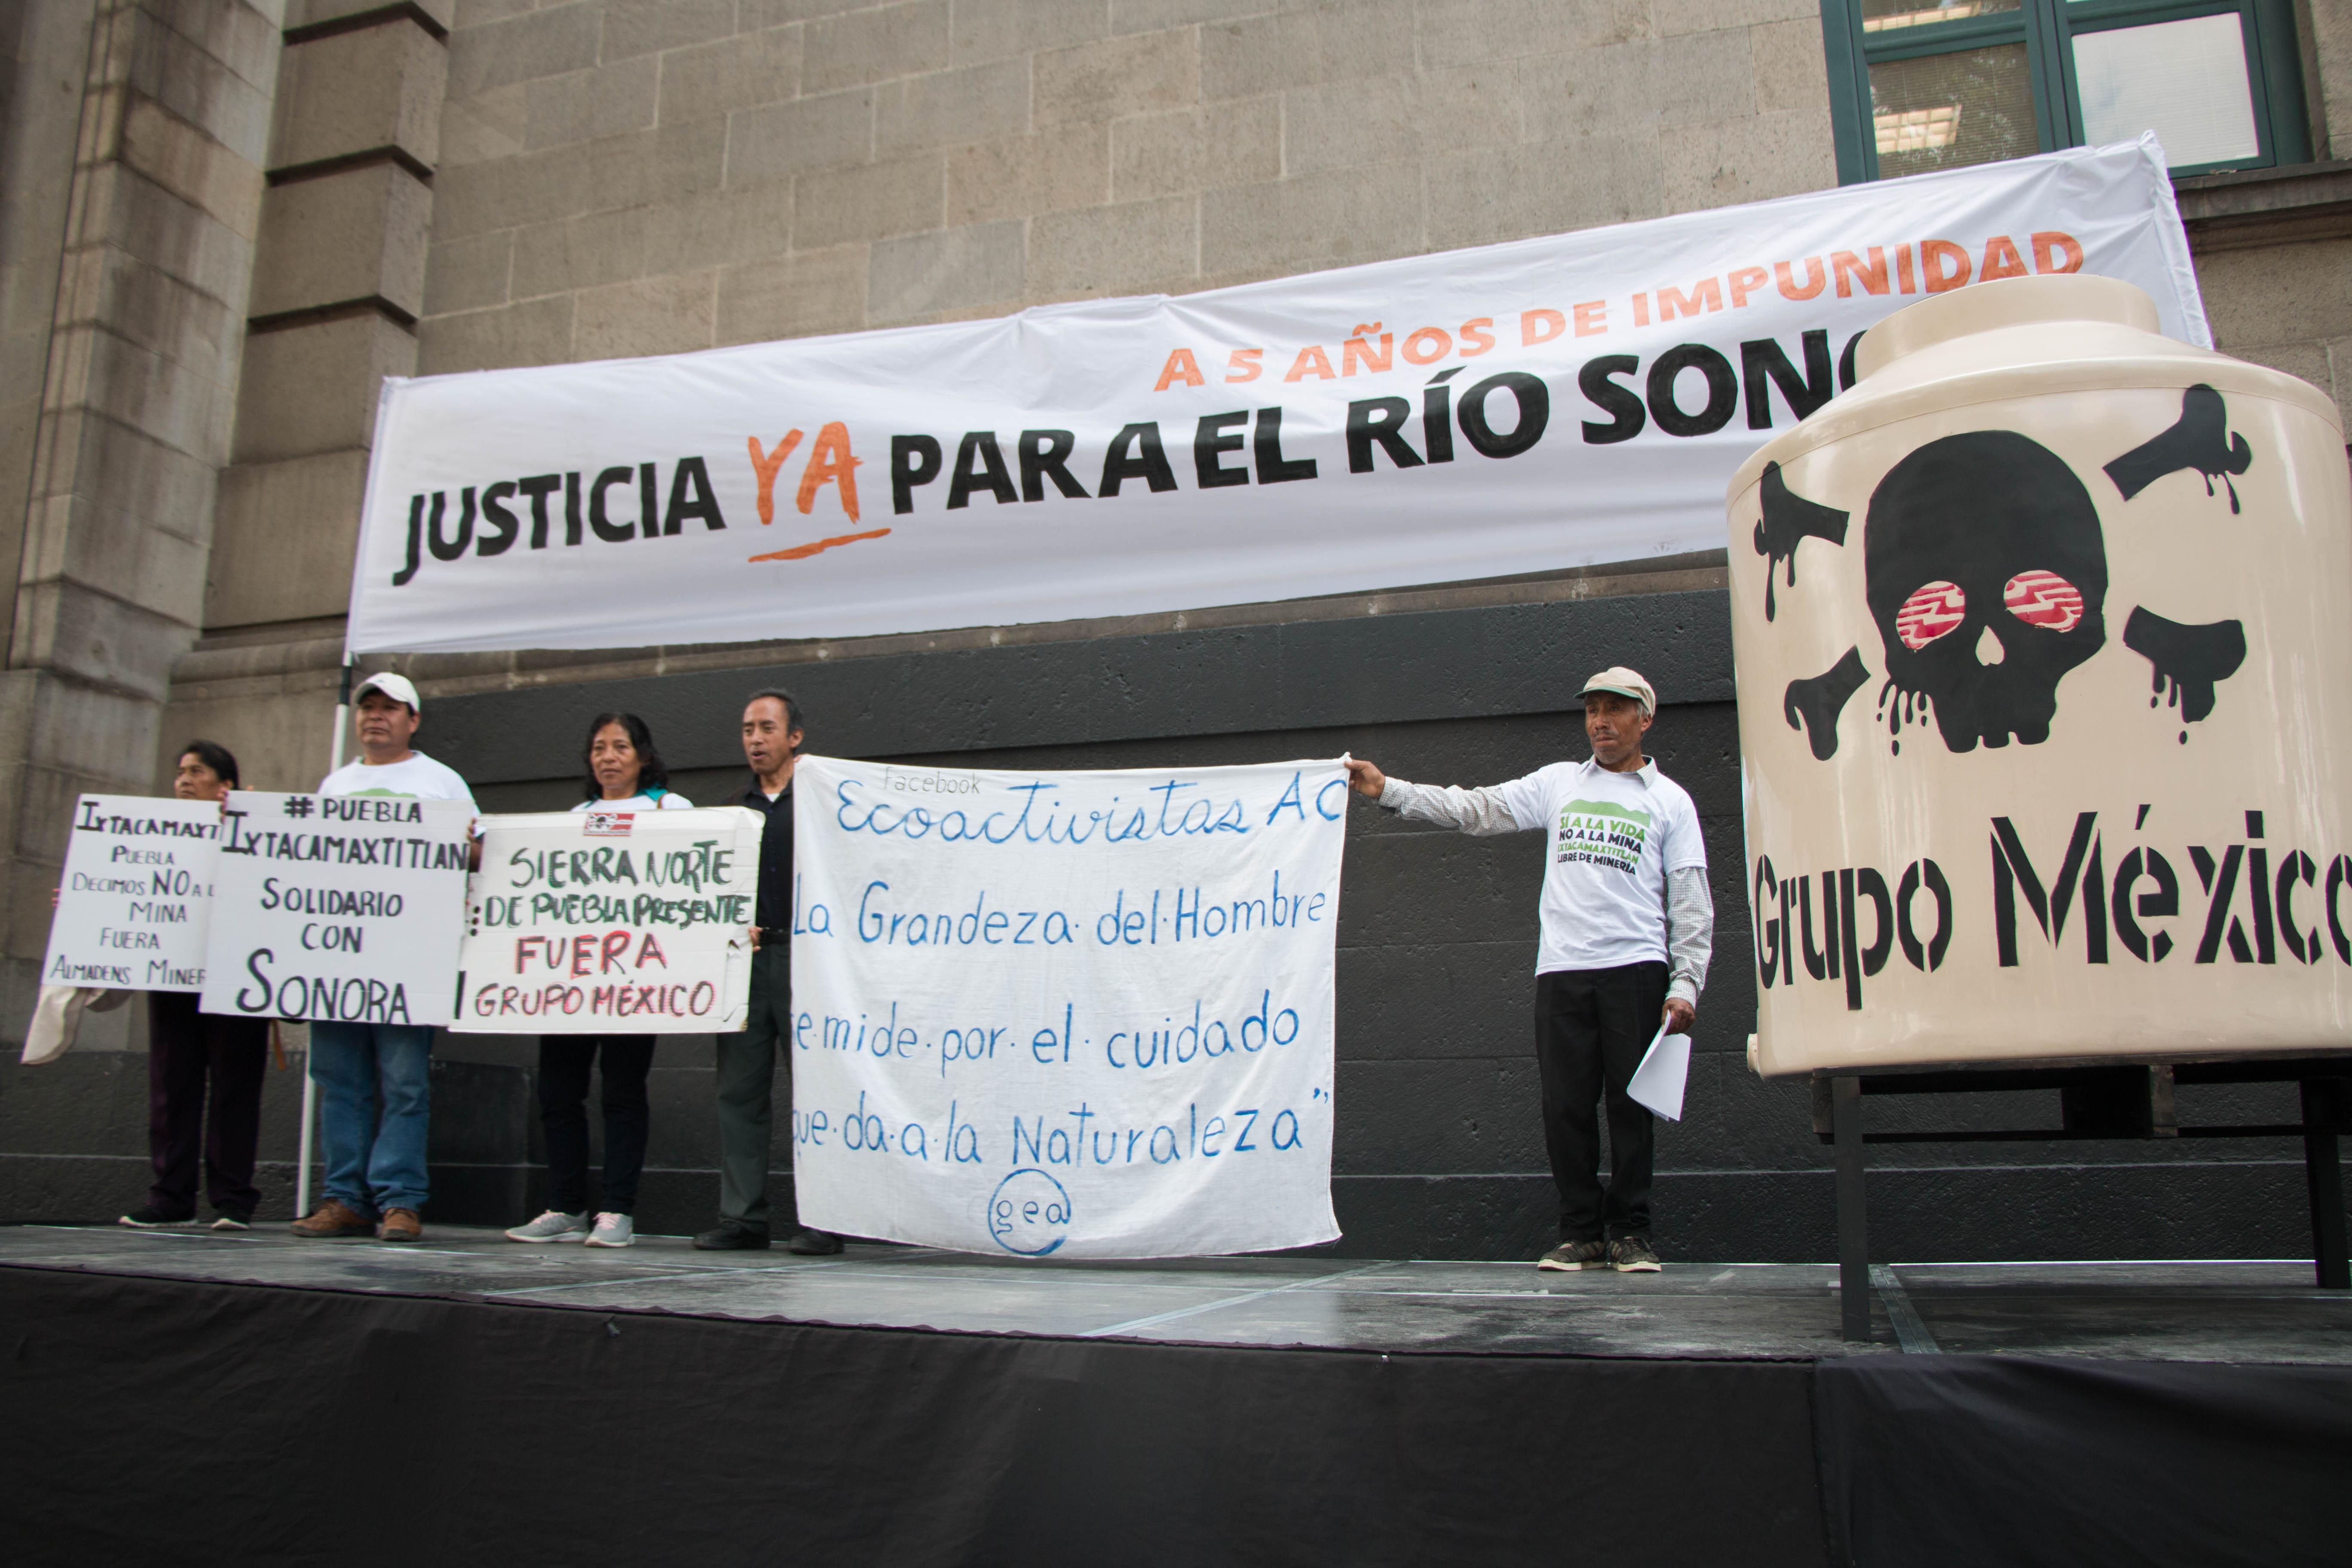 COMUNIDADES AFECTADAS POR DERRAME DE GRUPO MÉXICO EN 2014 EXIGEN A SCJN REABRIR EL FIDEICOMISO RÍO SONORA HASTA REPARAR TODOS LOS DAÑOS